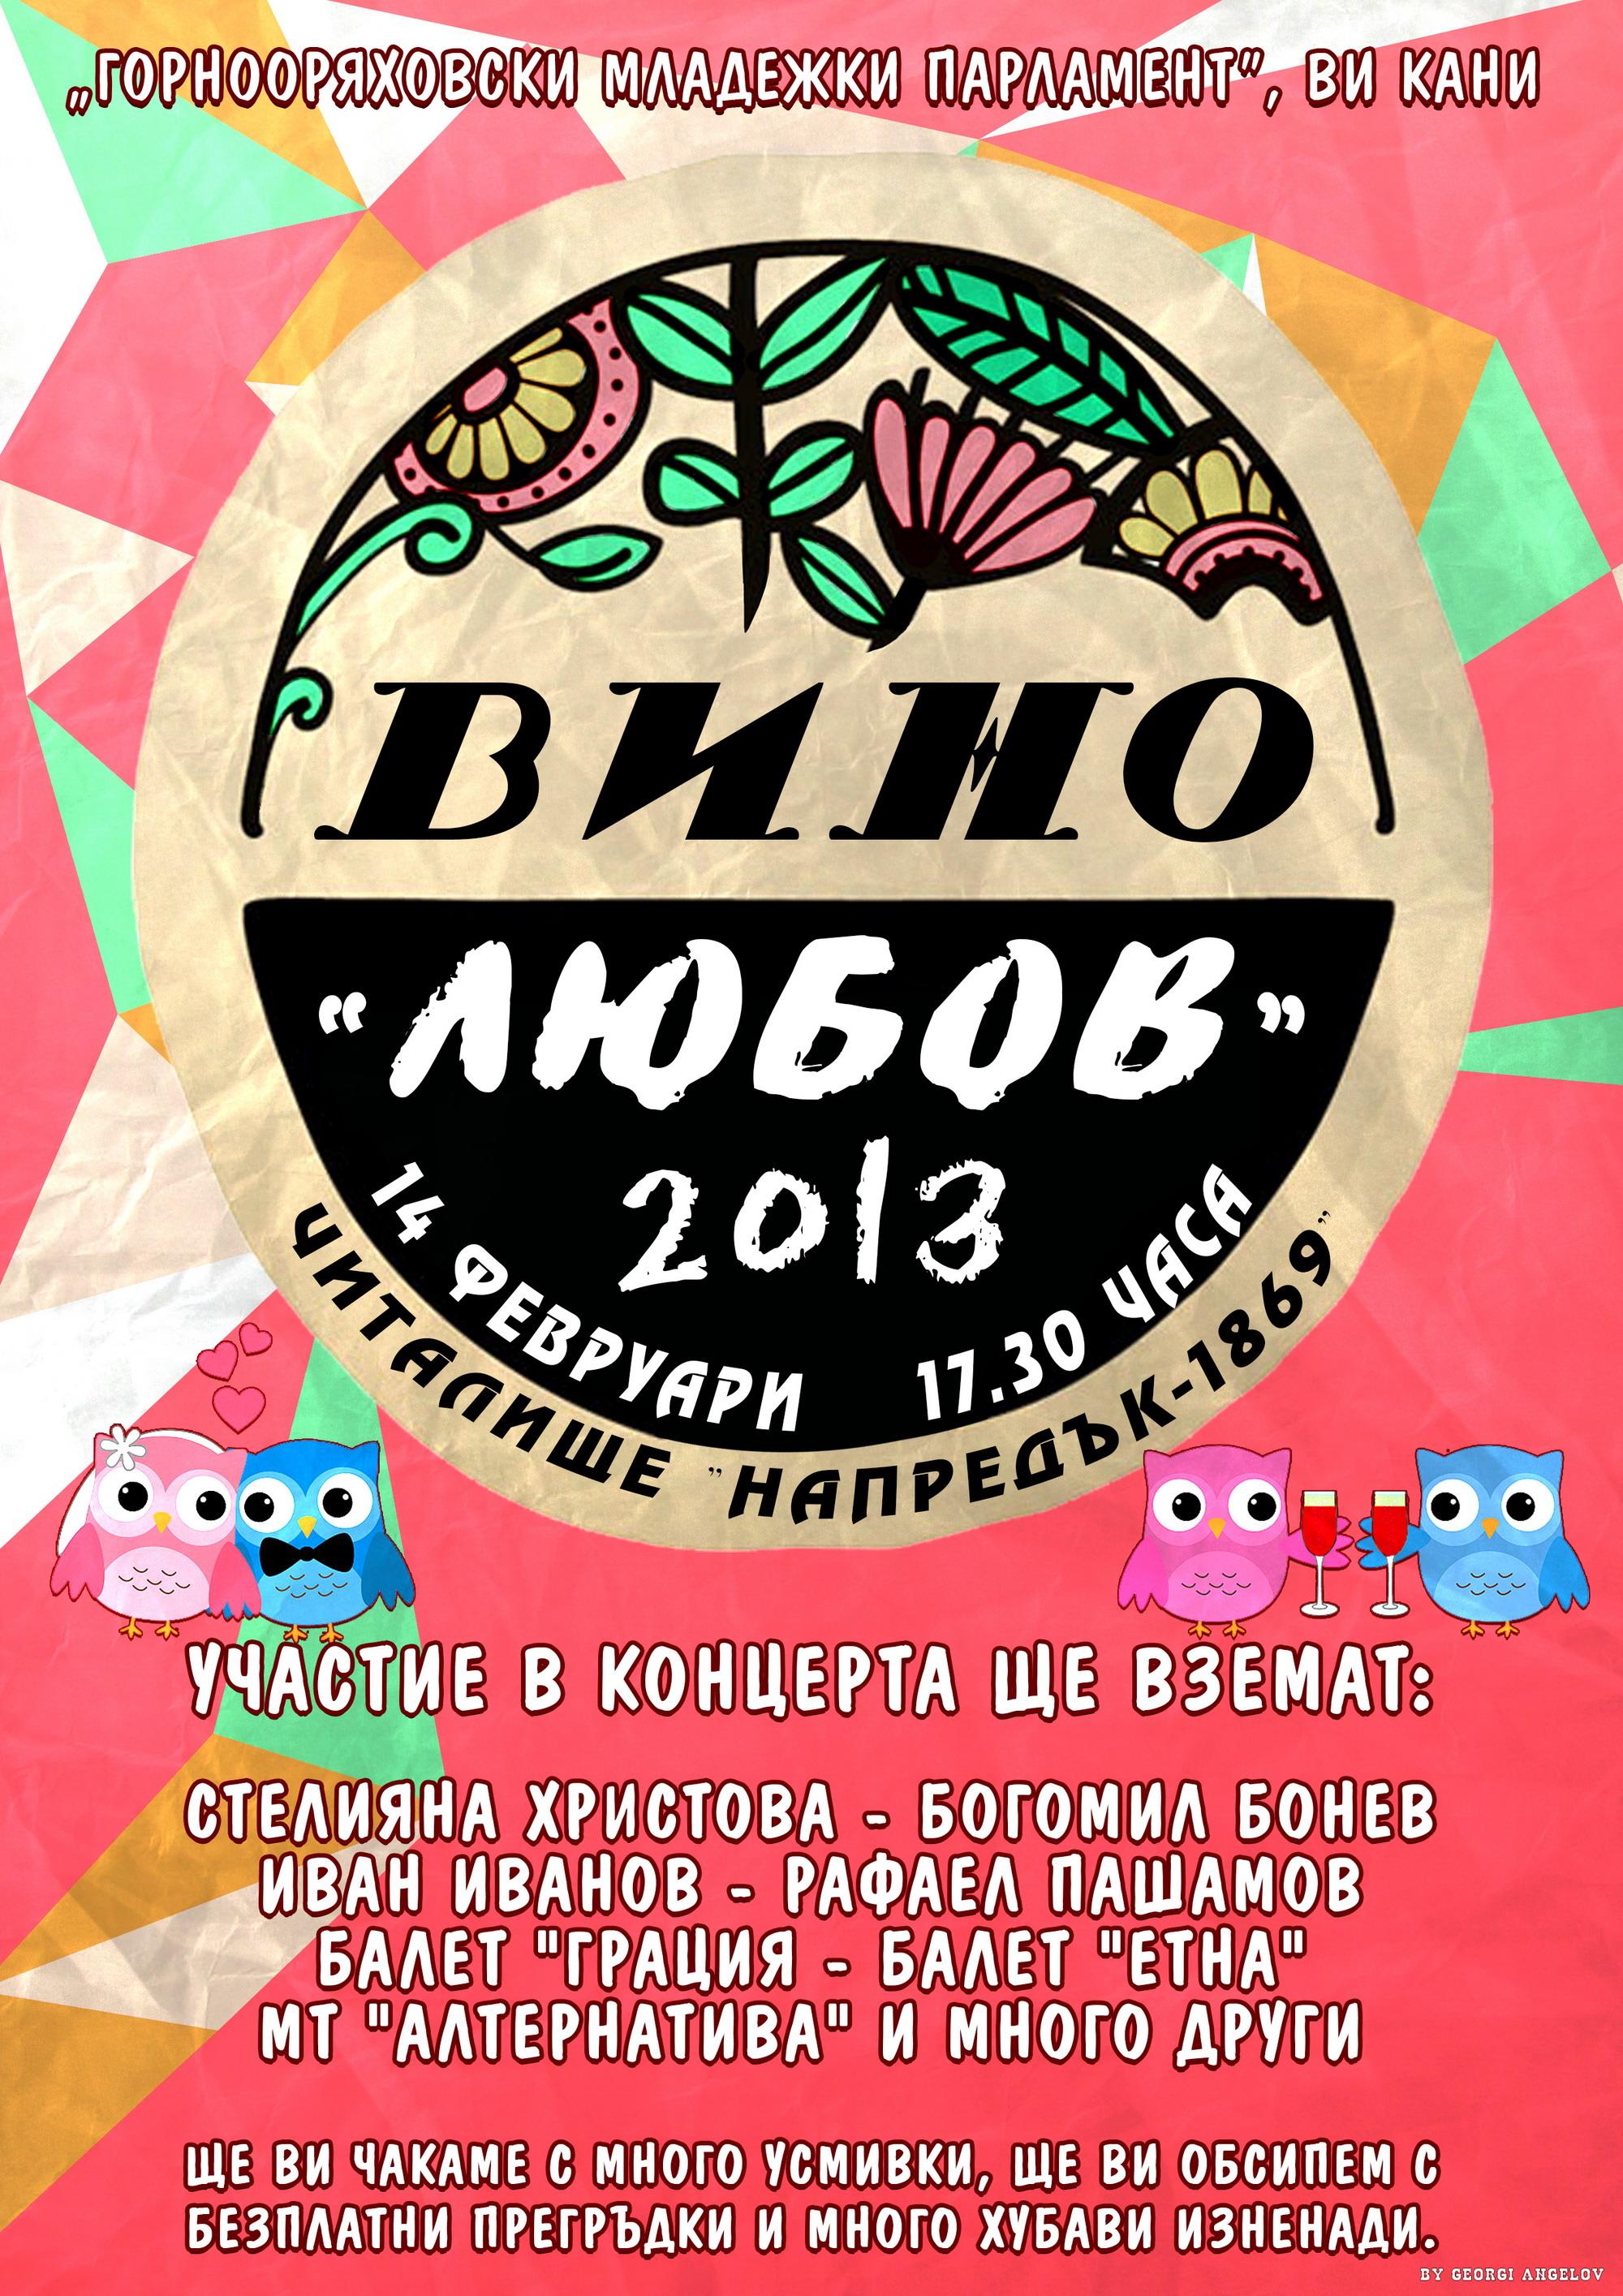 """Вино """"Любов"""" подаряват на 14 февруари от Горнооряховски младежки парламент"""